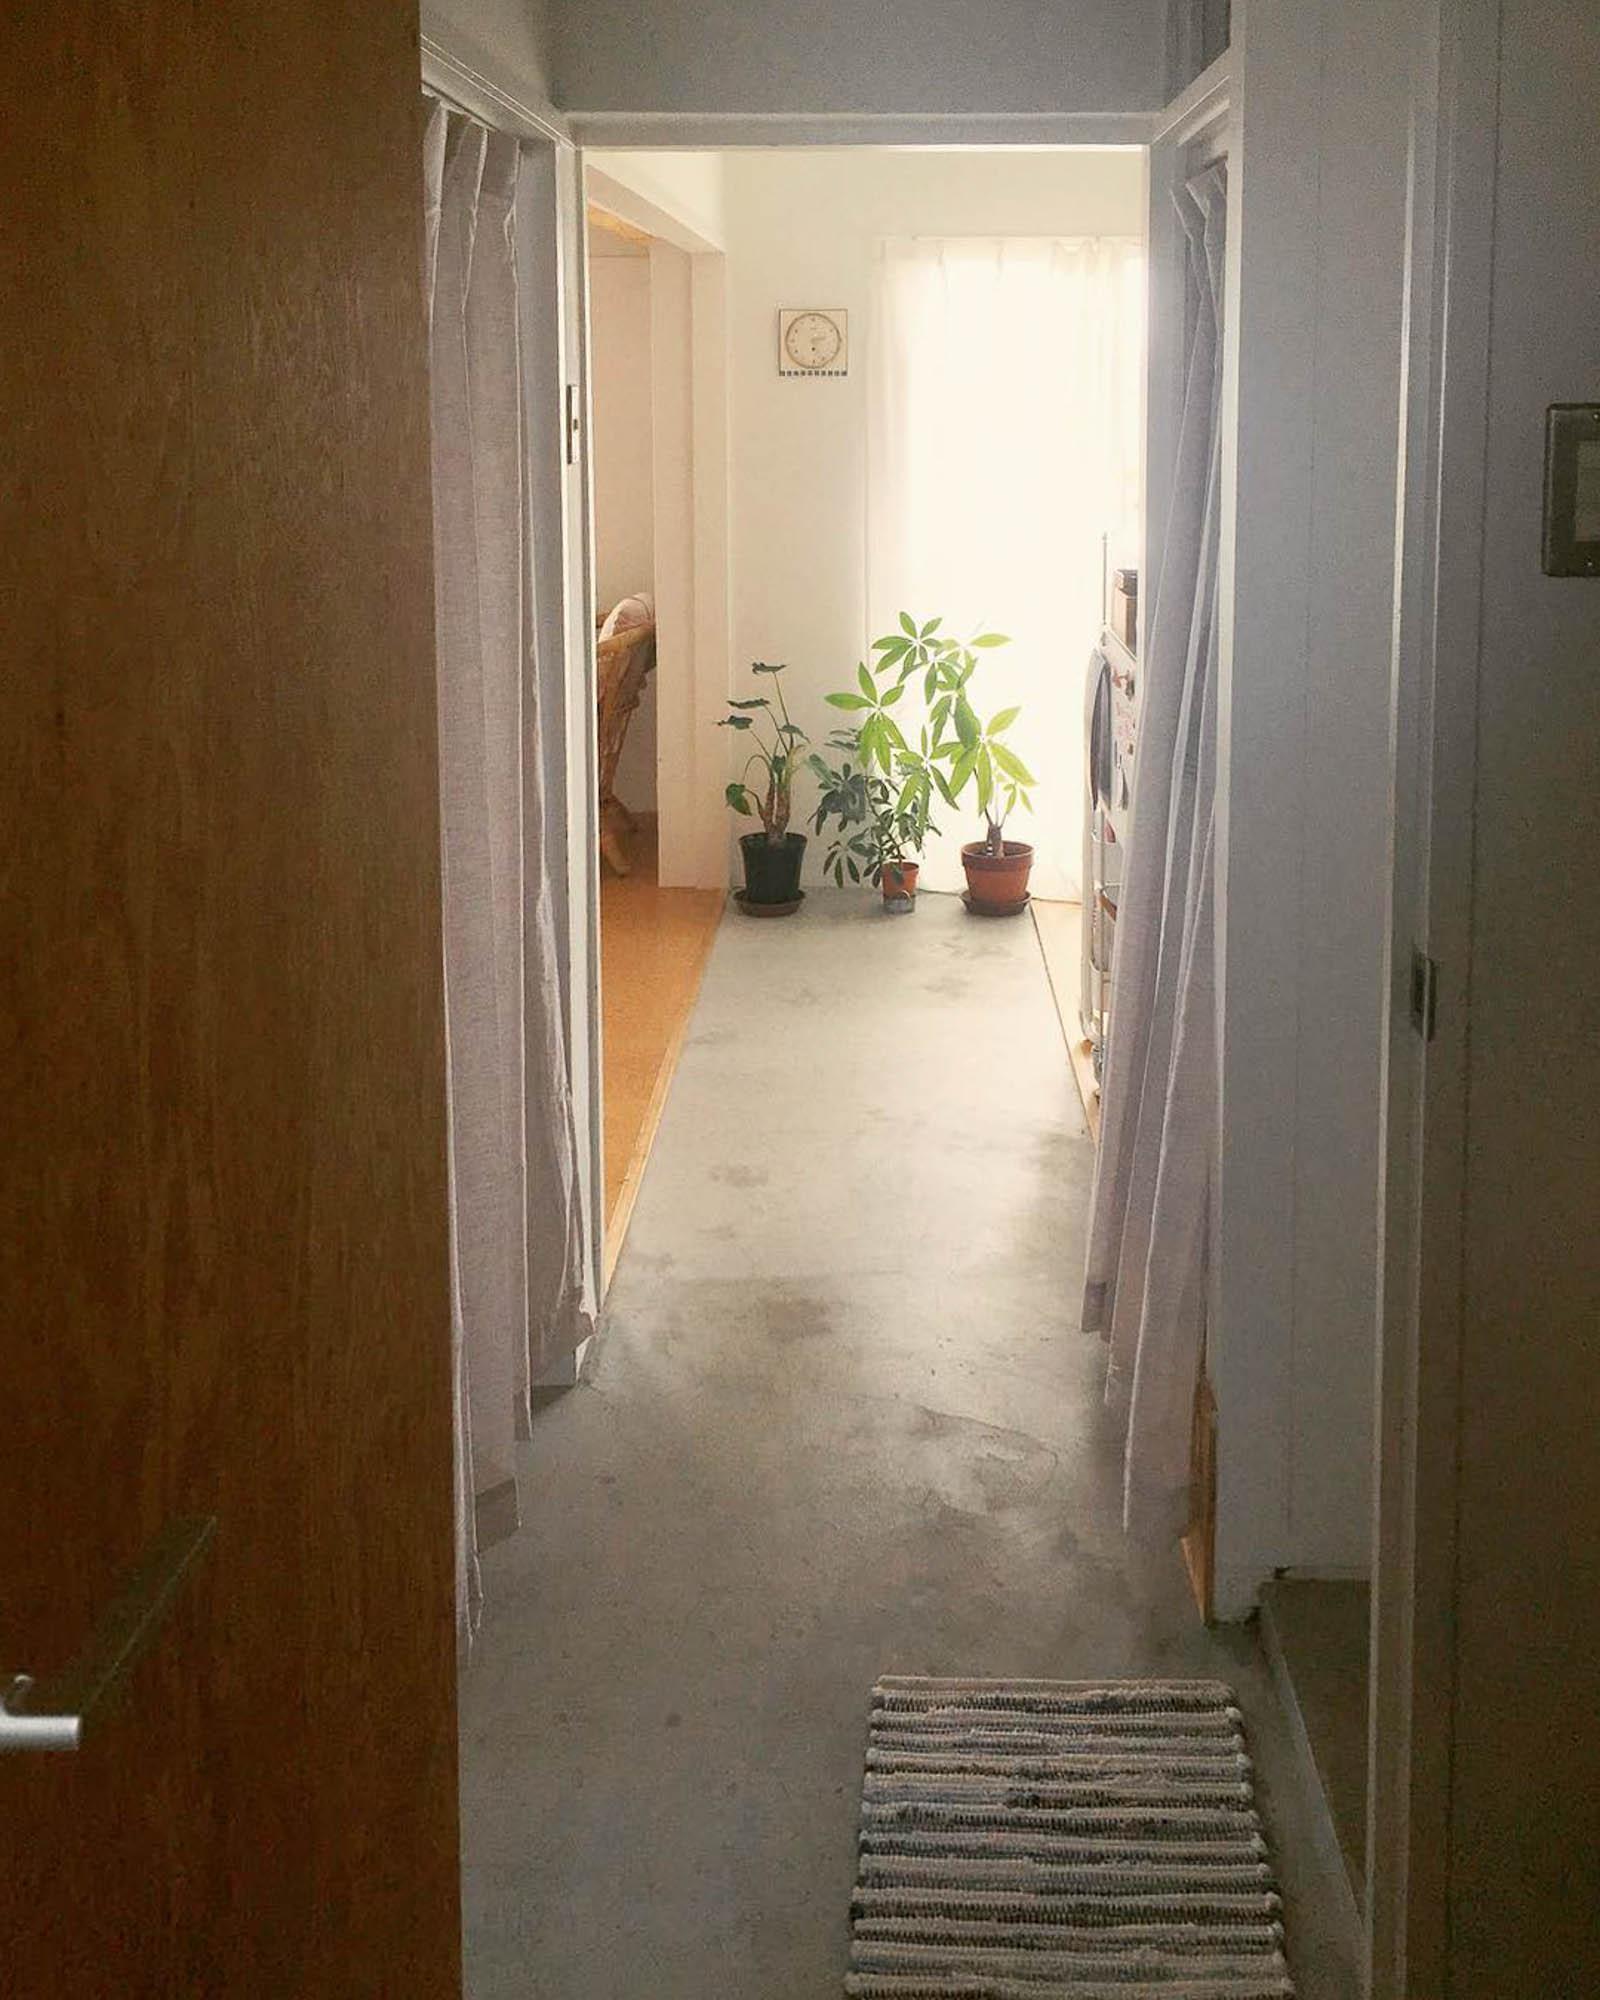 玄関を開けると、そのまままっすぐベランダまで土間が続いている、珍しい間取りです。